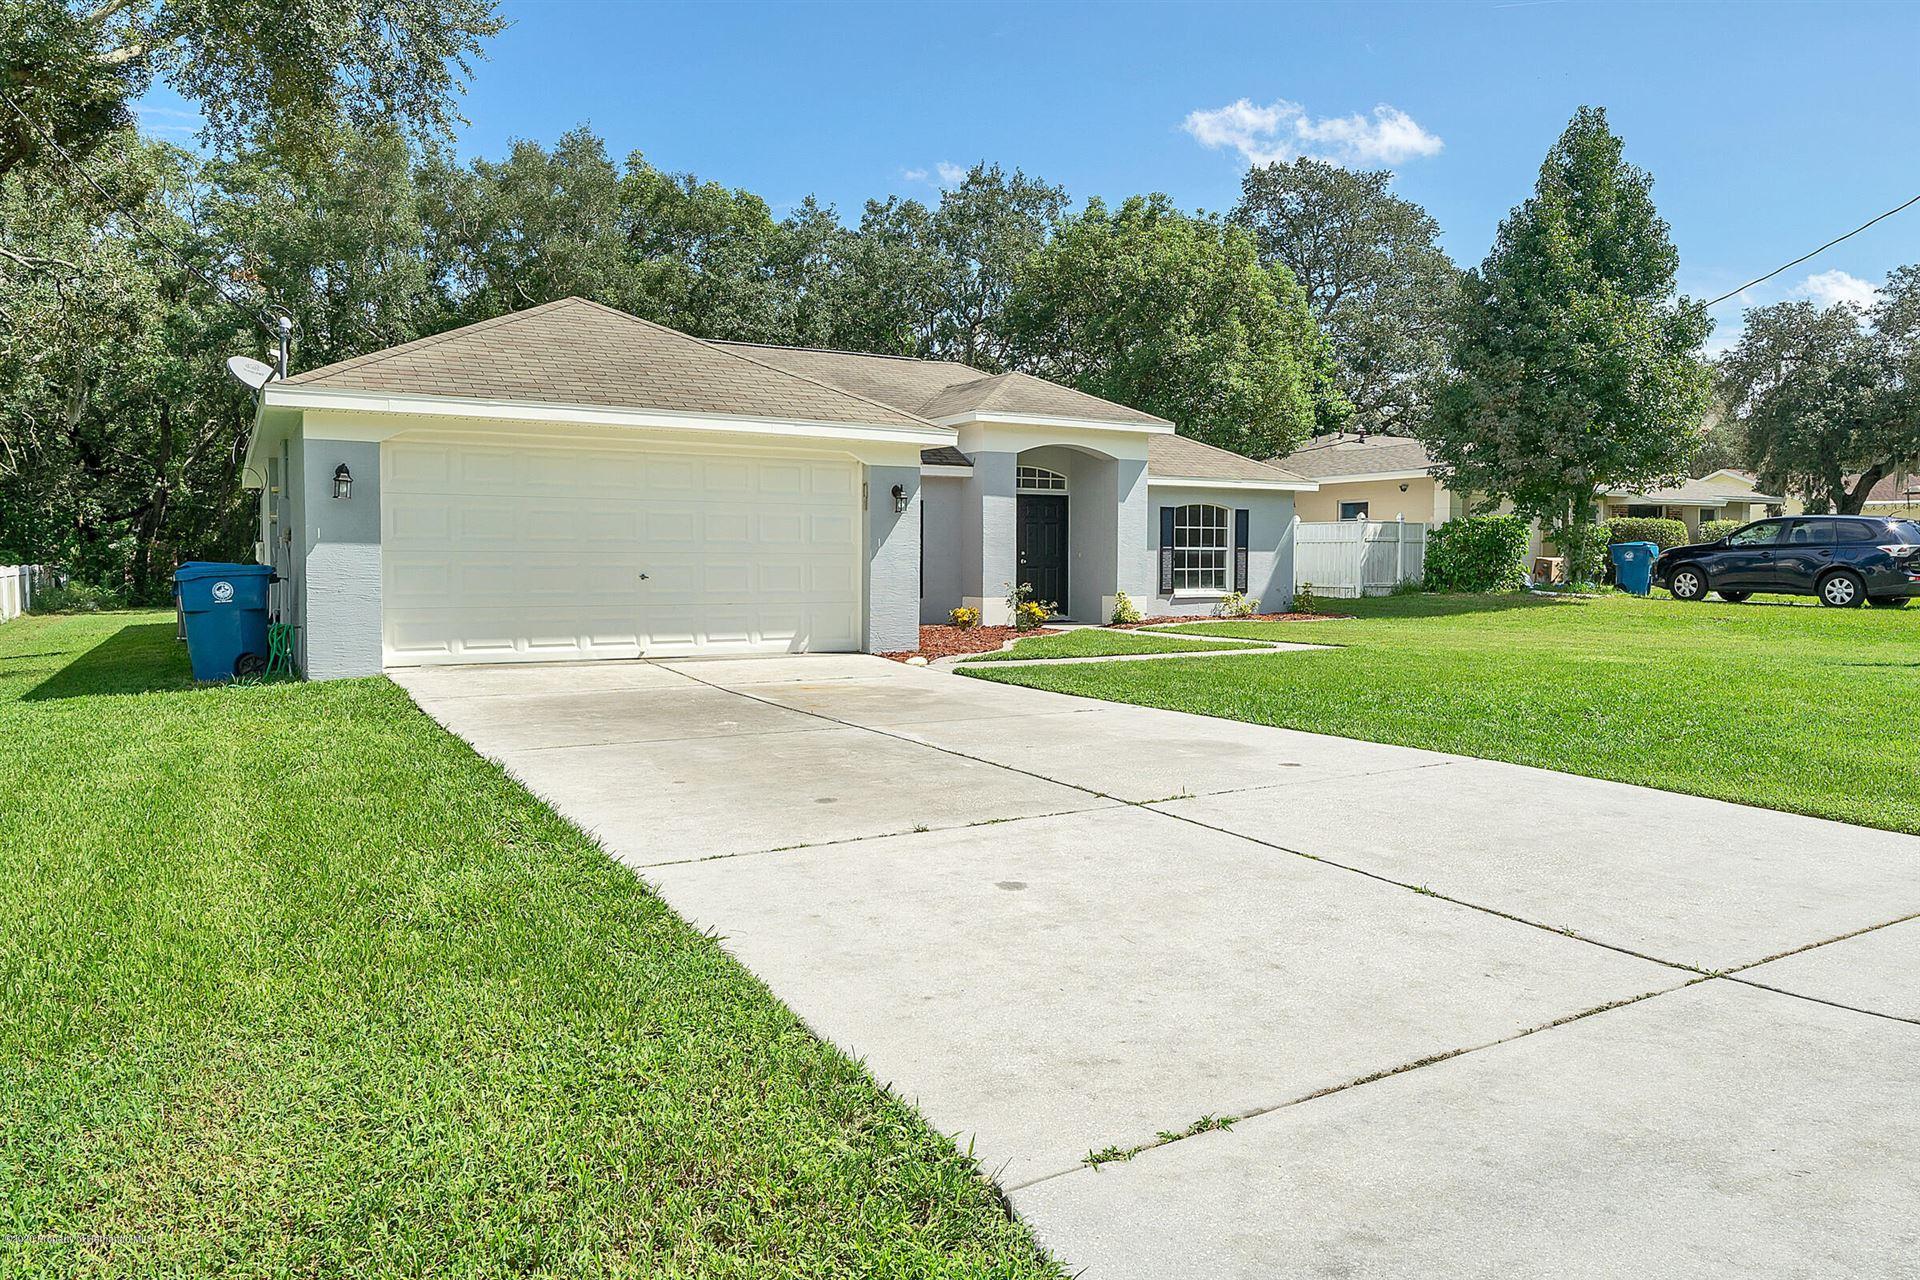 8155 Giffen, Spring Hill, FL 34608 - MLS#: 2211915